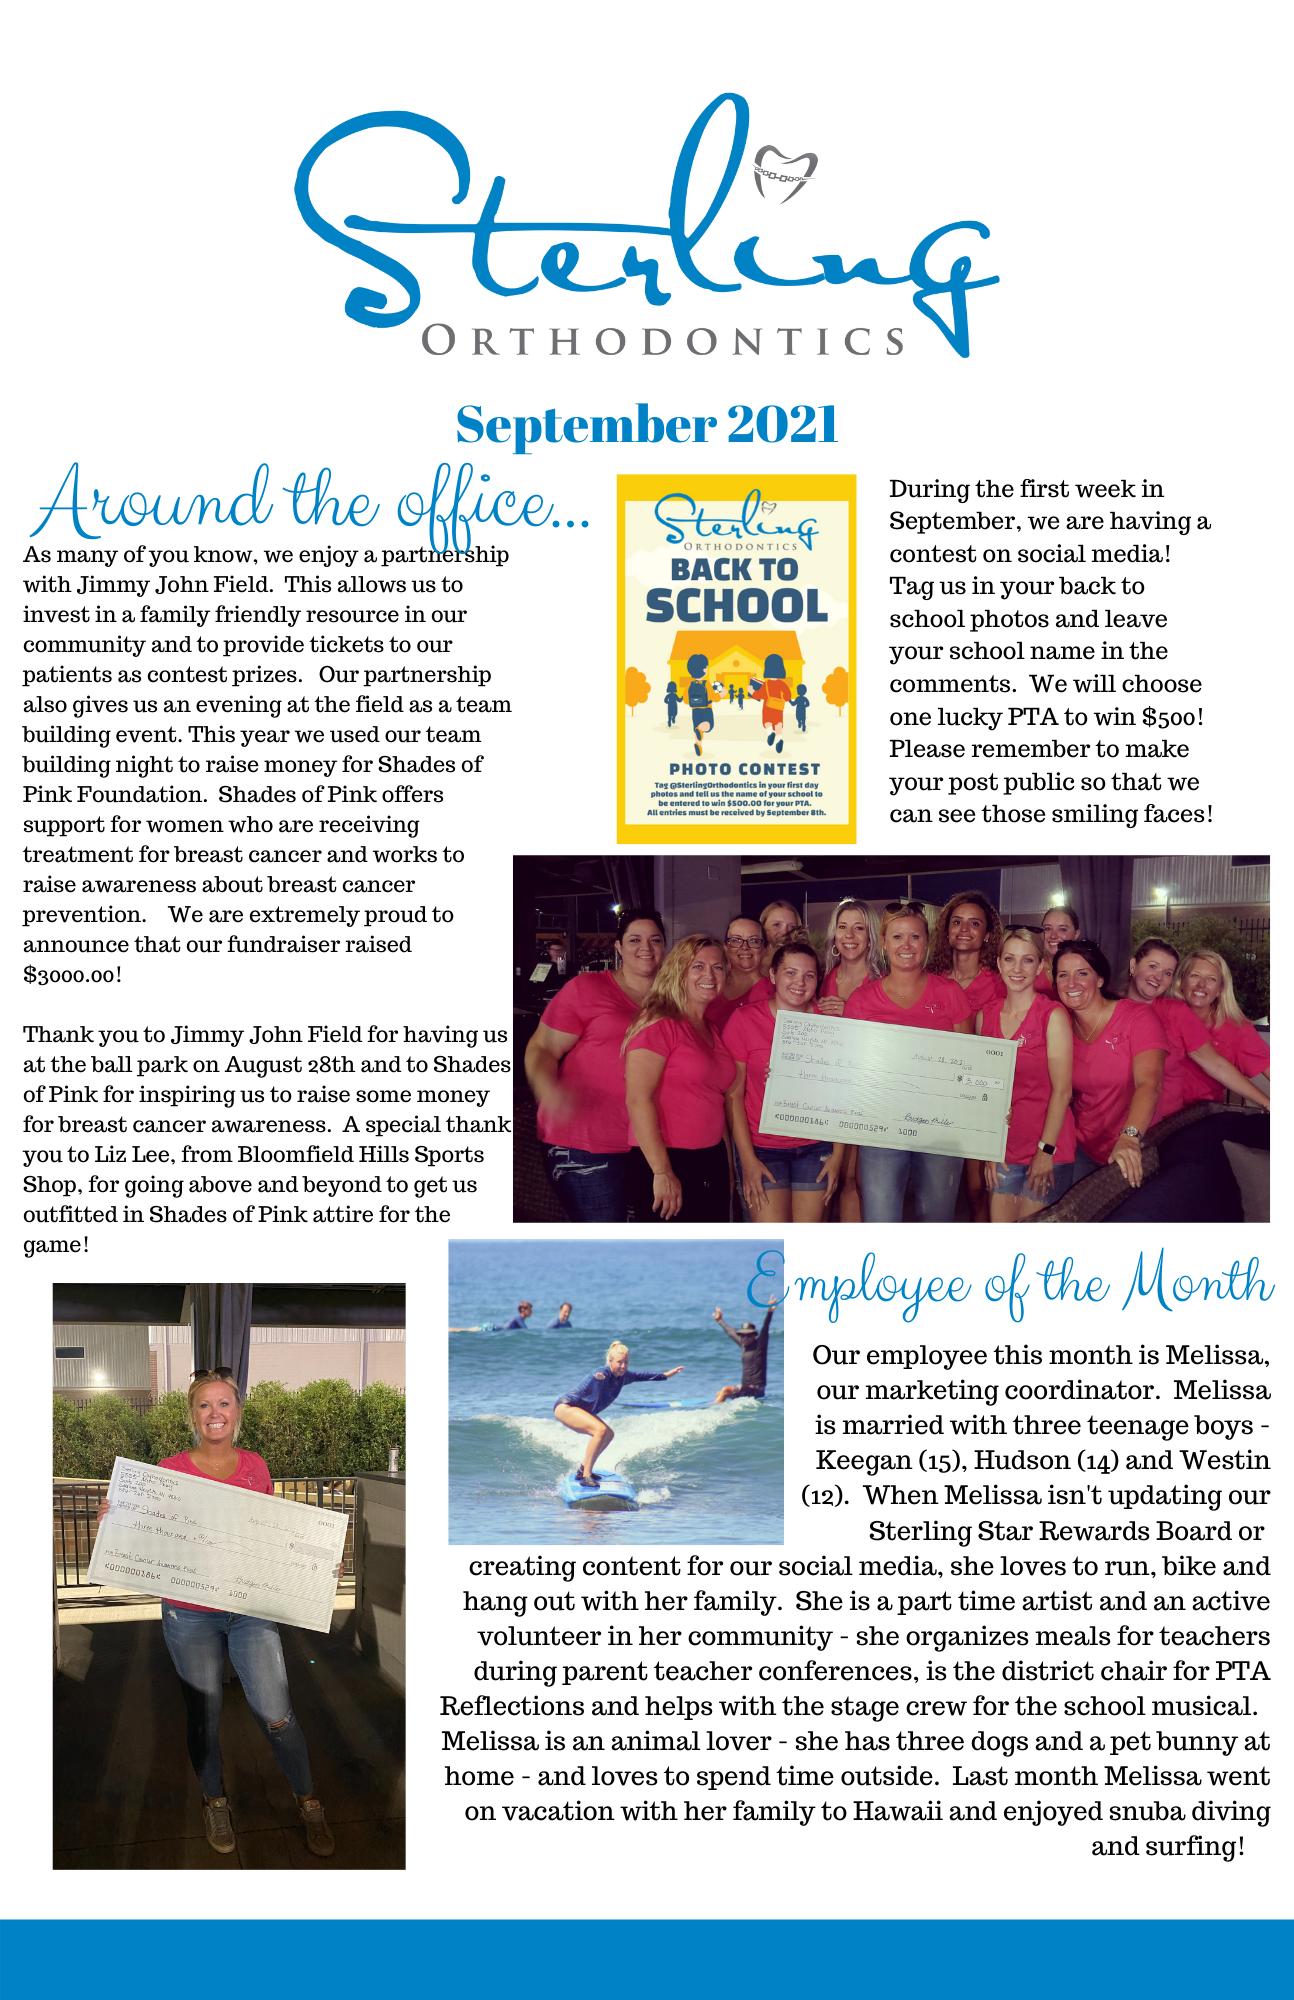 September 2021 blog post